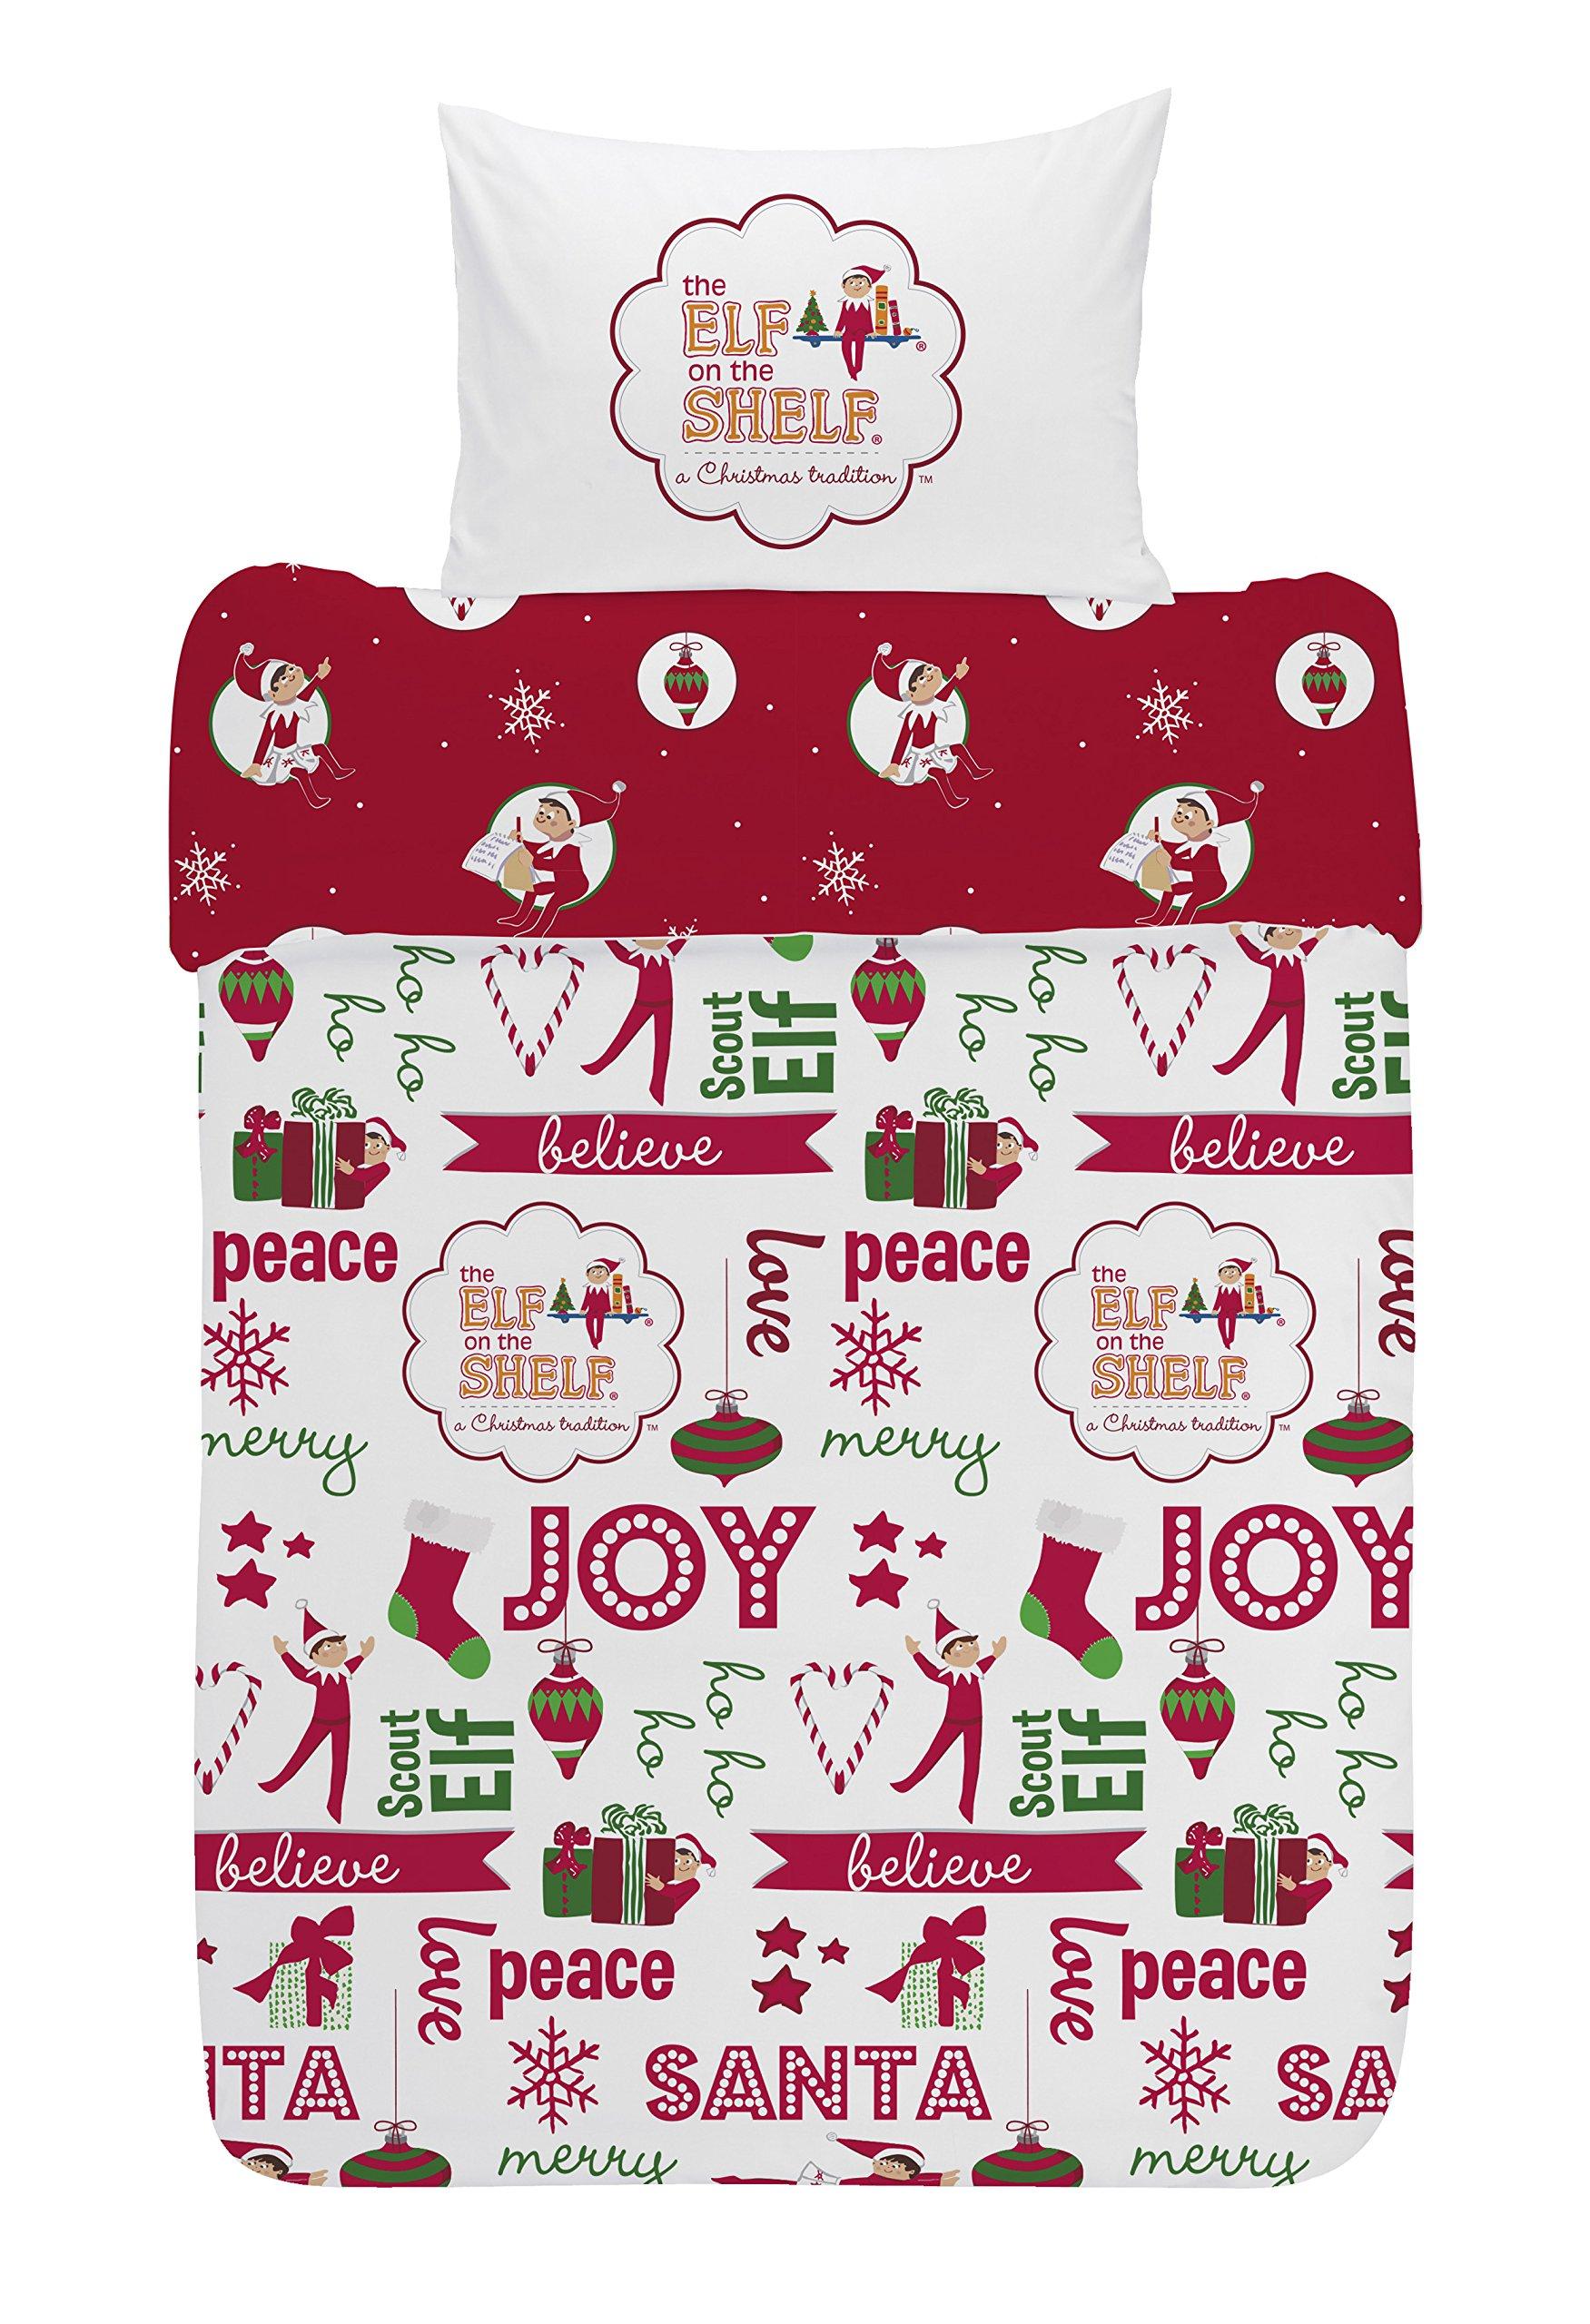 af7e0925b13 Get Quotations · The Elf On The Shelf Joy Duvet Set